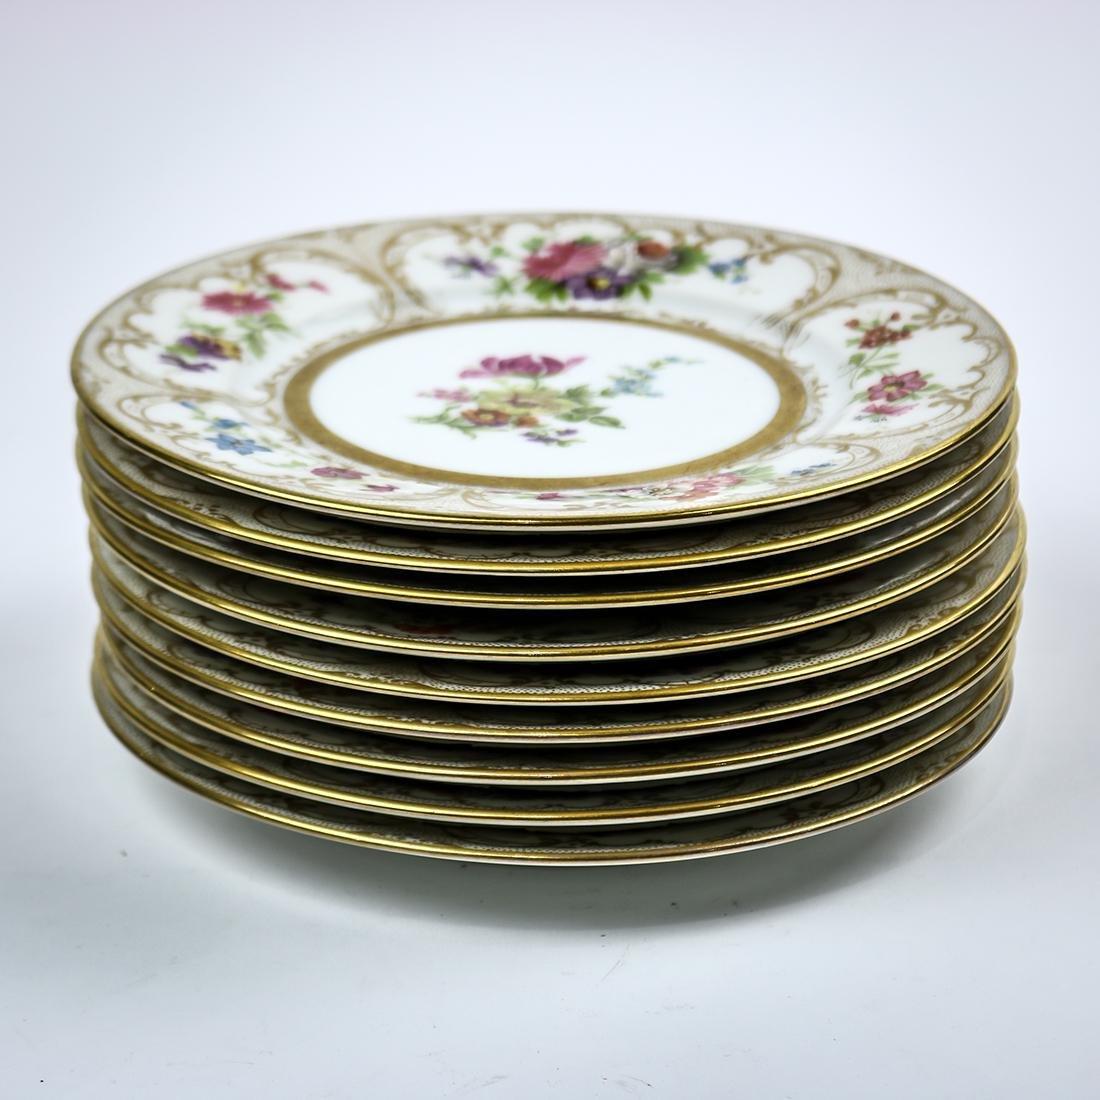 Limoges porcelain dessert plates - 5